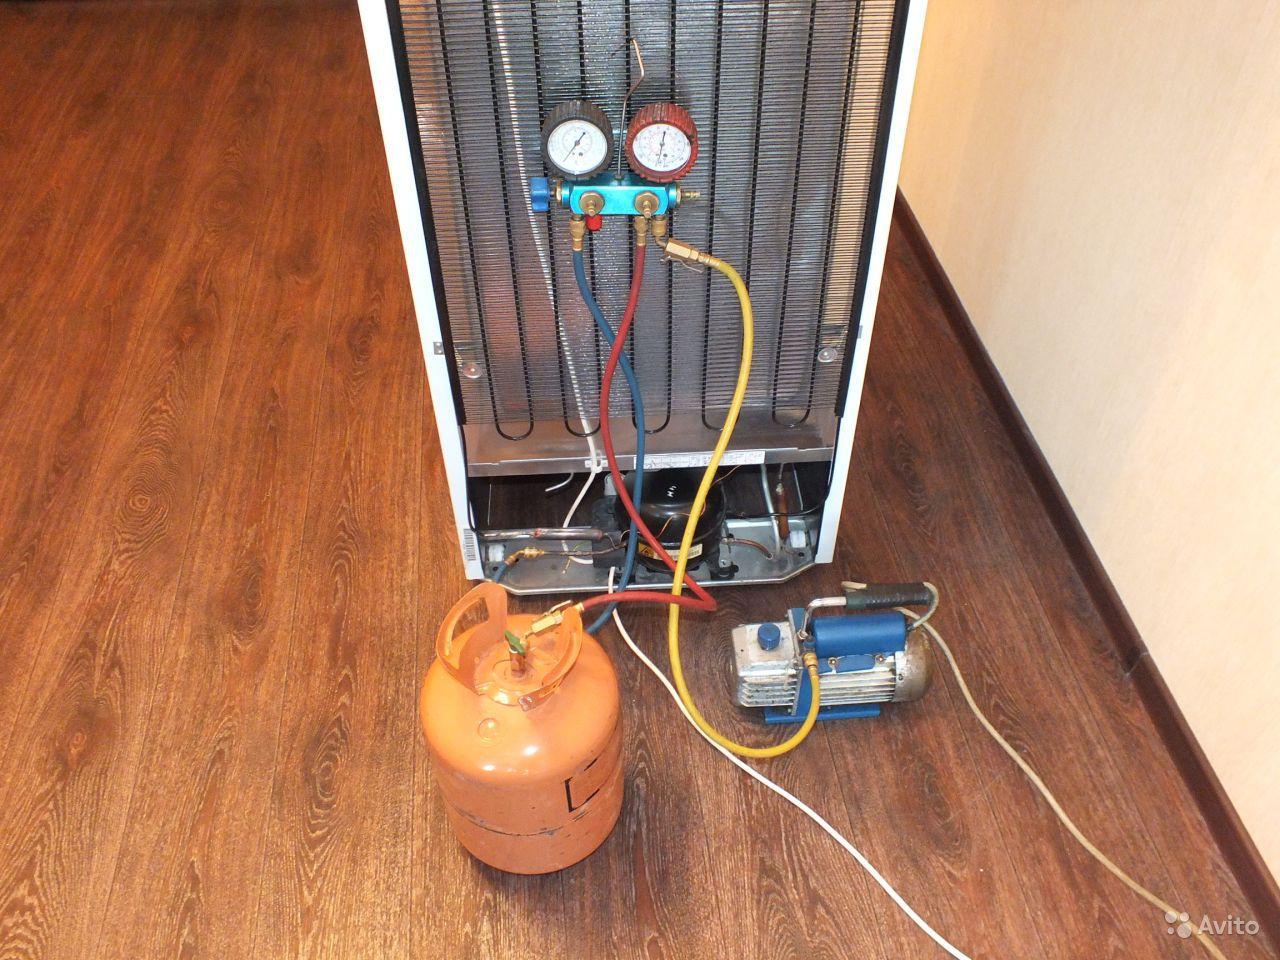 Ремонт холодильника своими руками замена уплотнителя